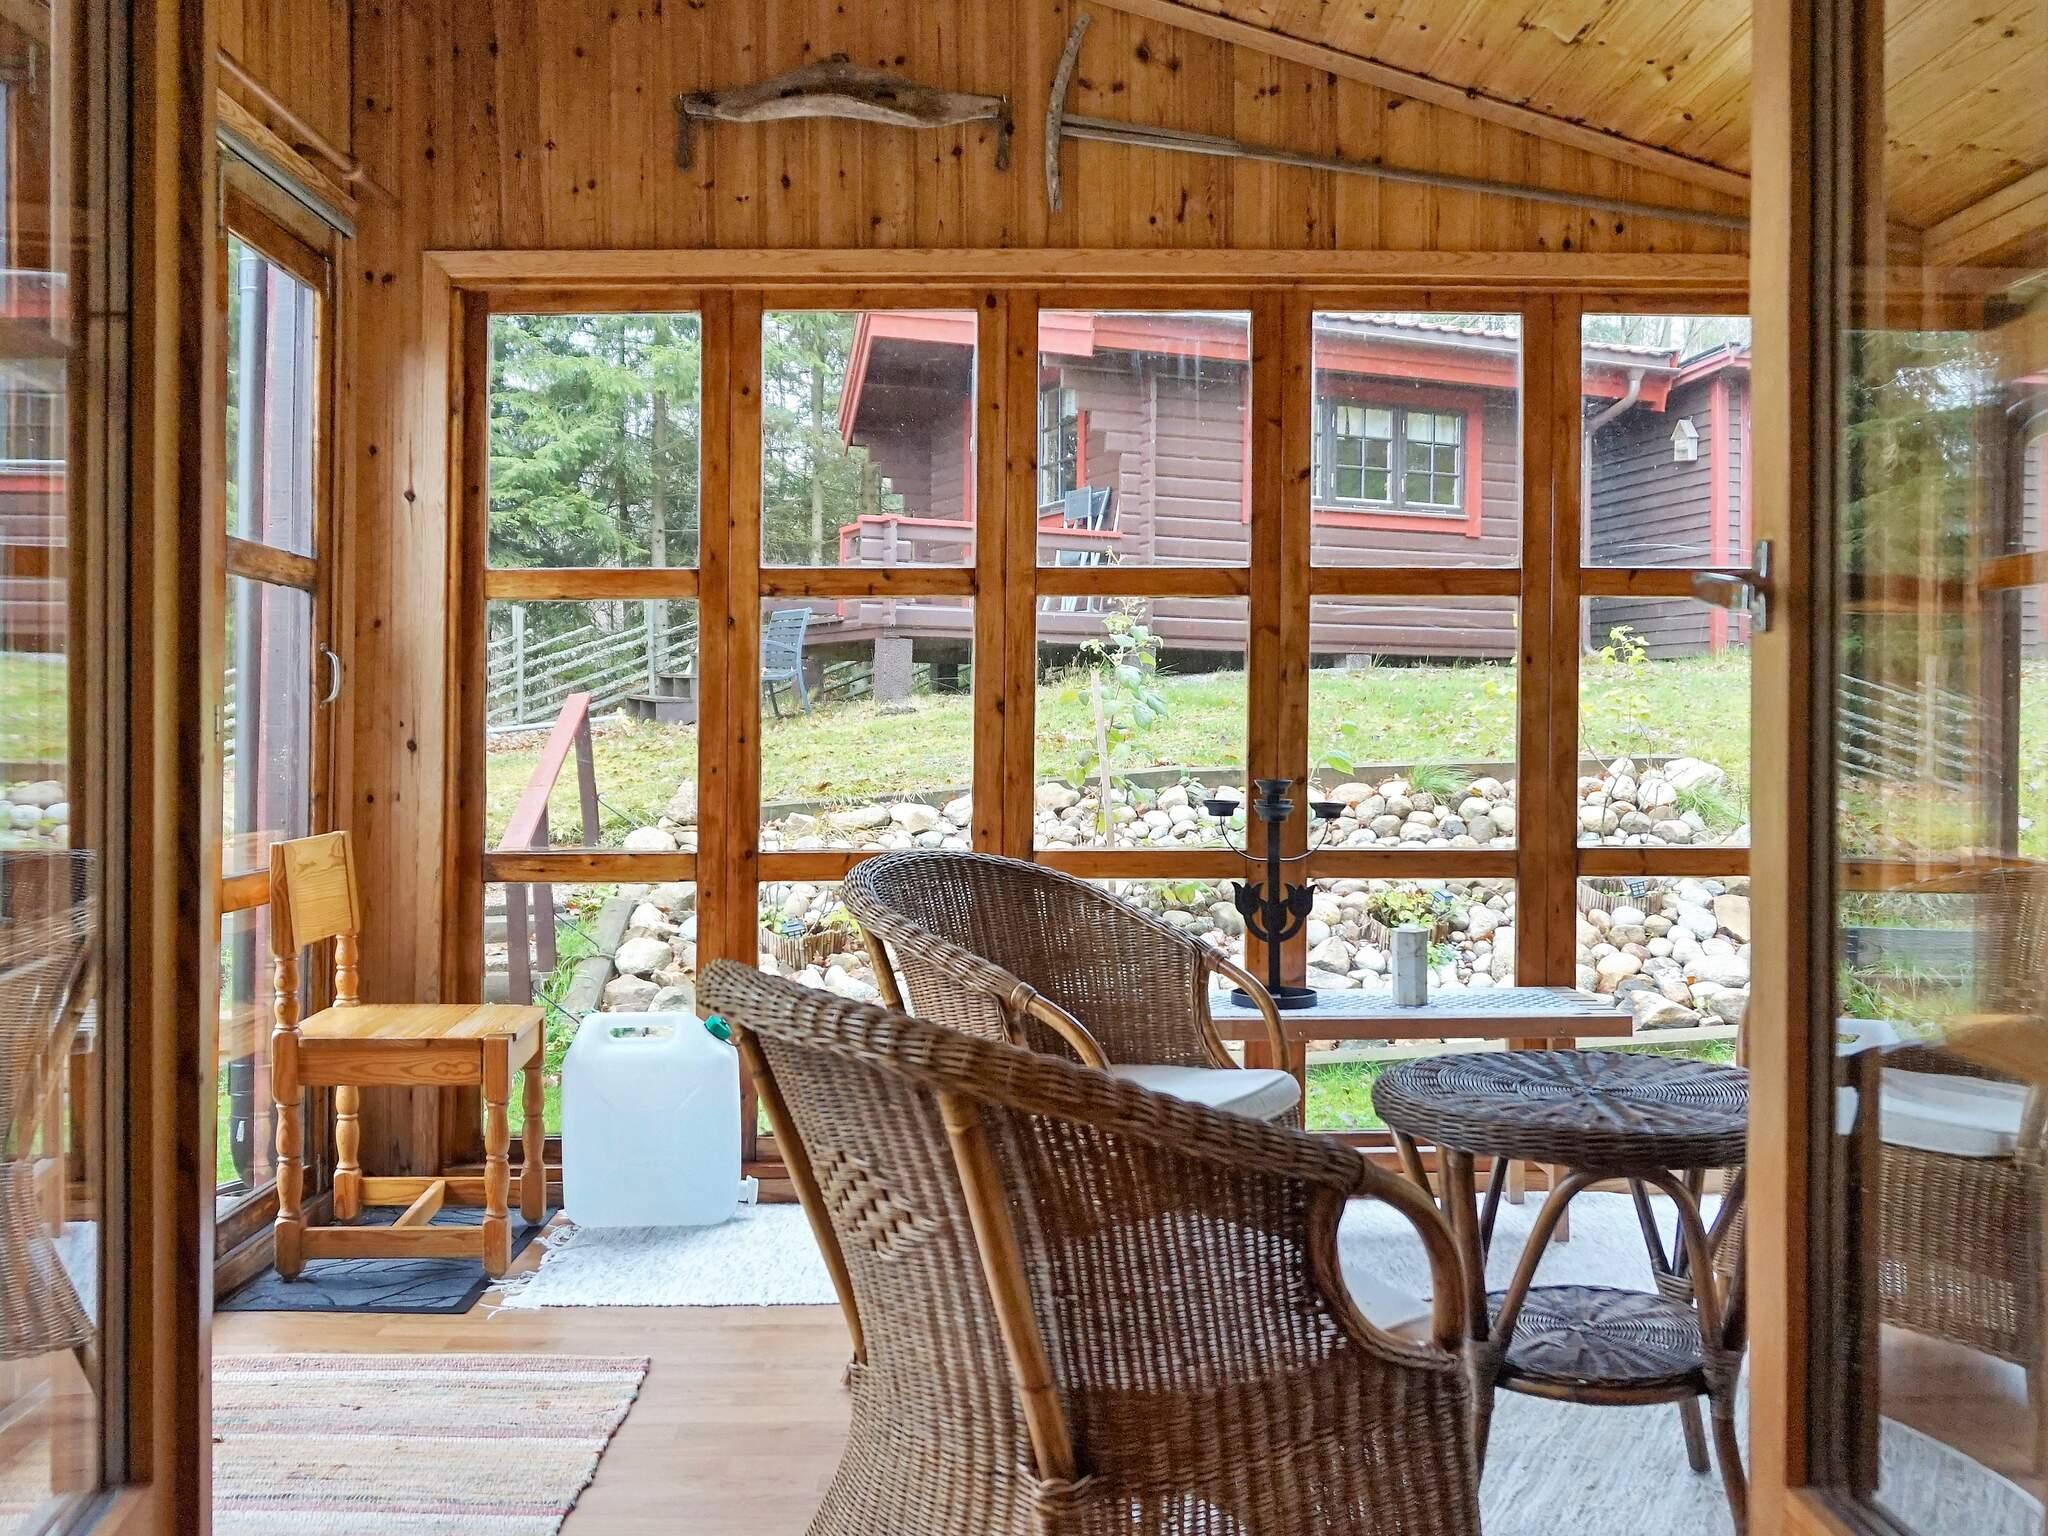 Ferienhaus Ambjörnarp (2701524), Ambjörnarp, Västra Götaland län, Westschweden, Schweden, Bild 8